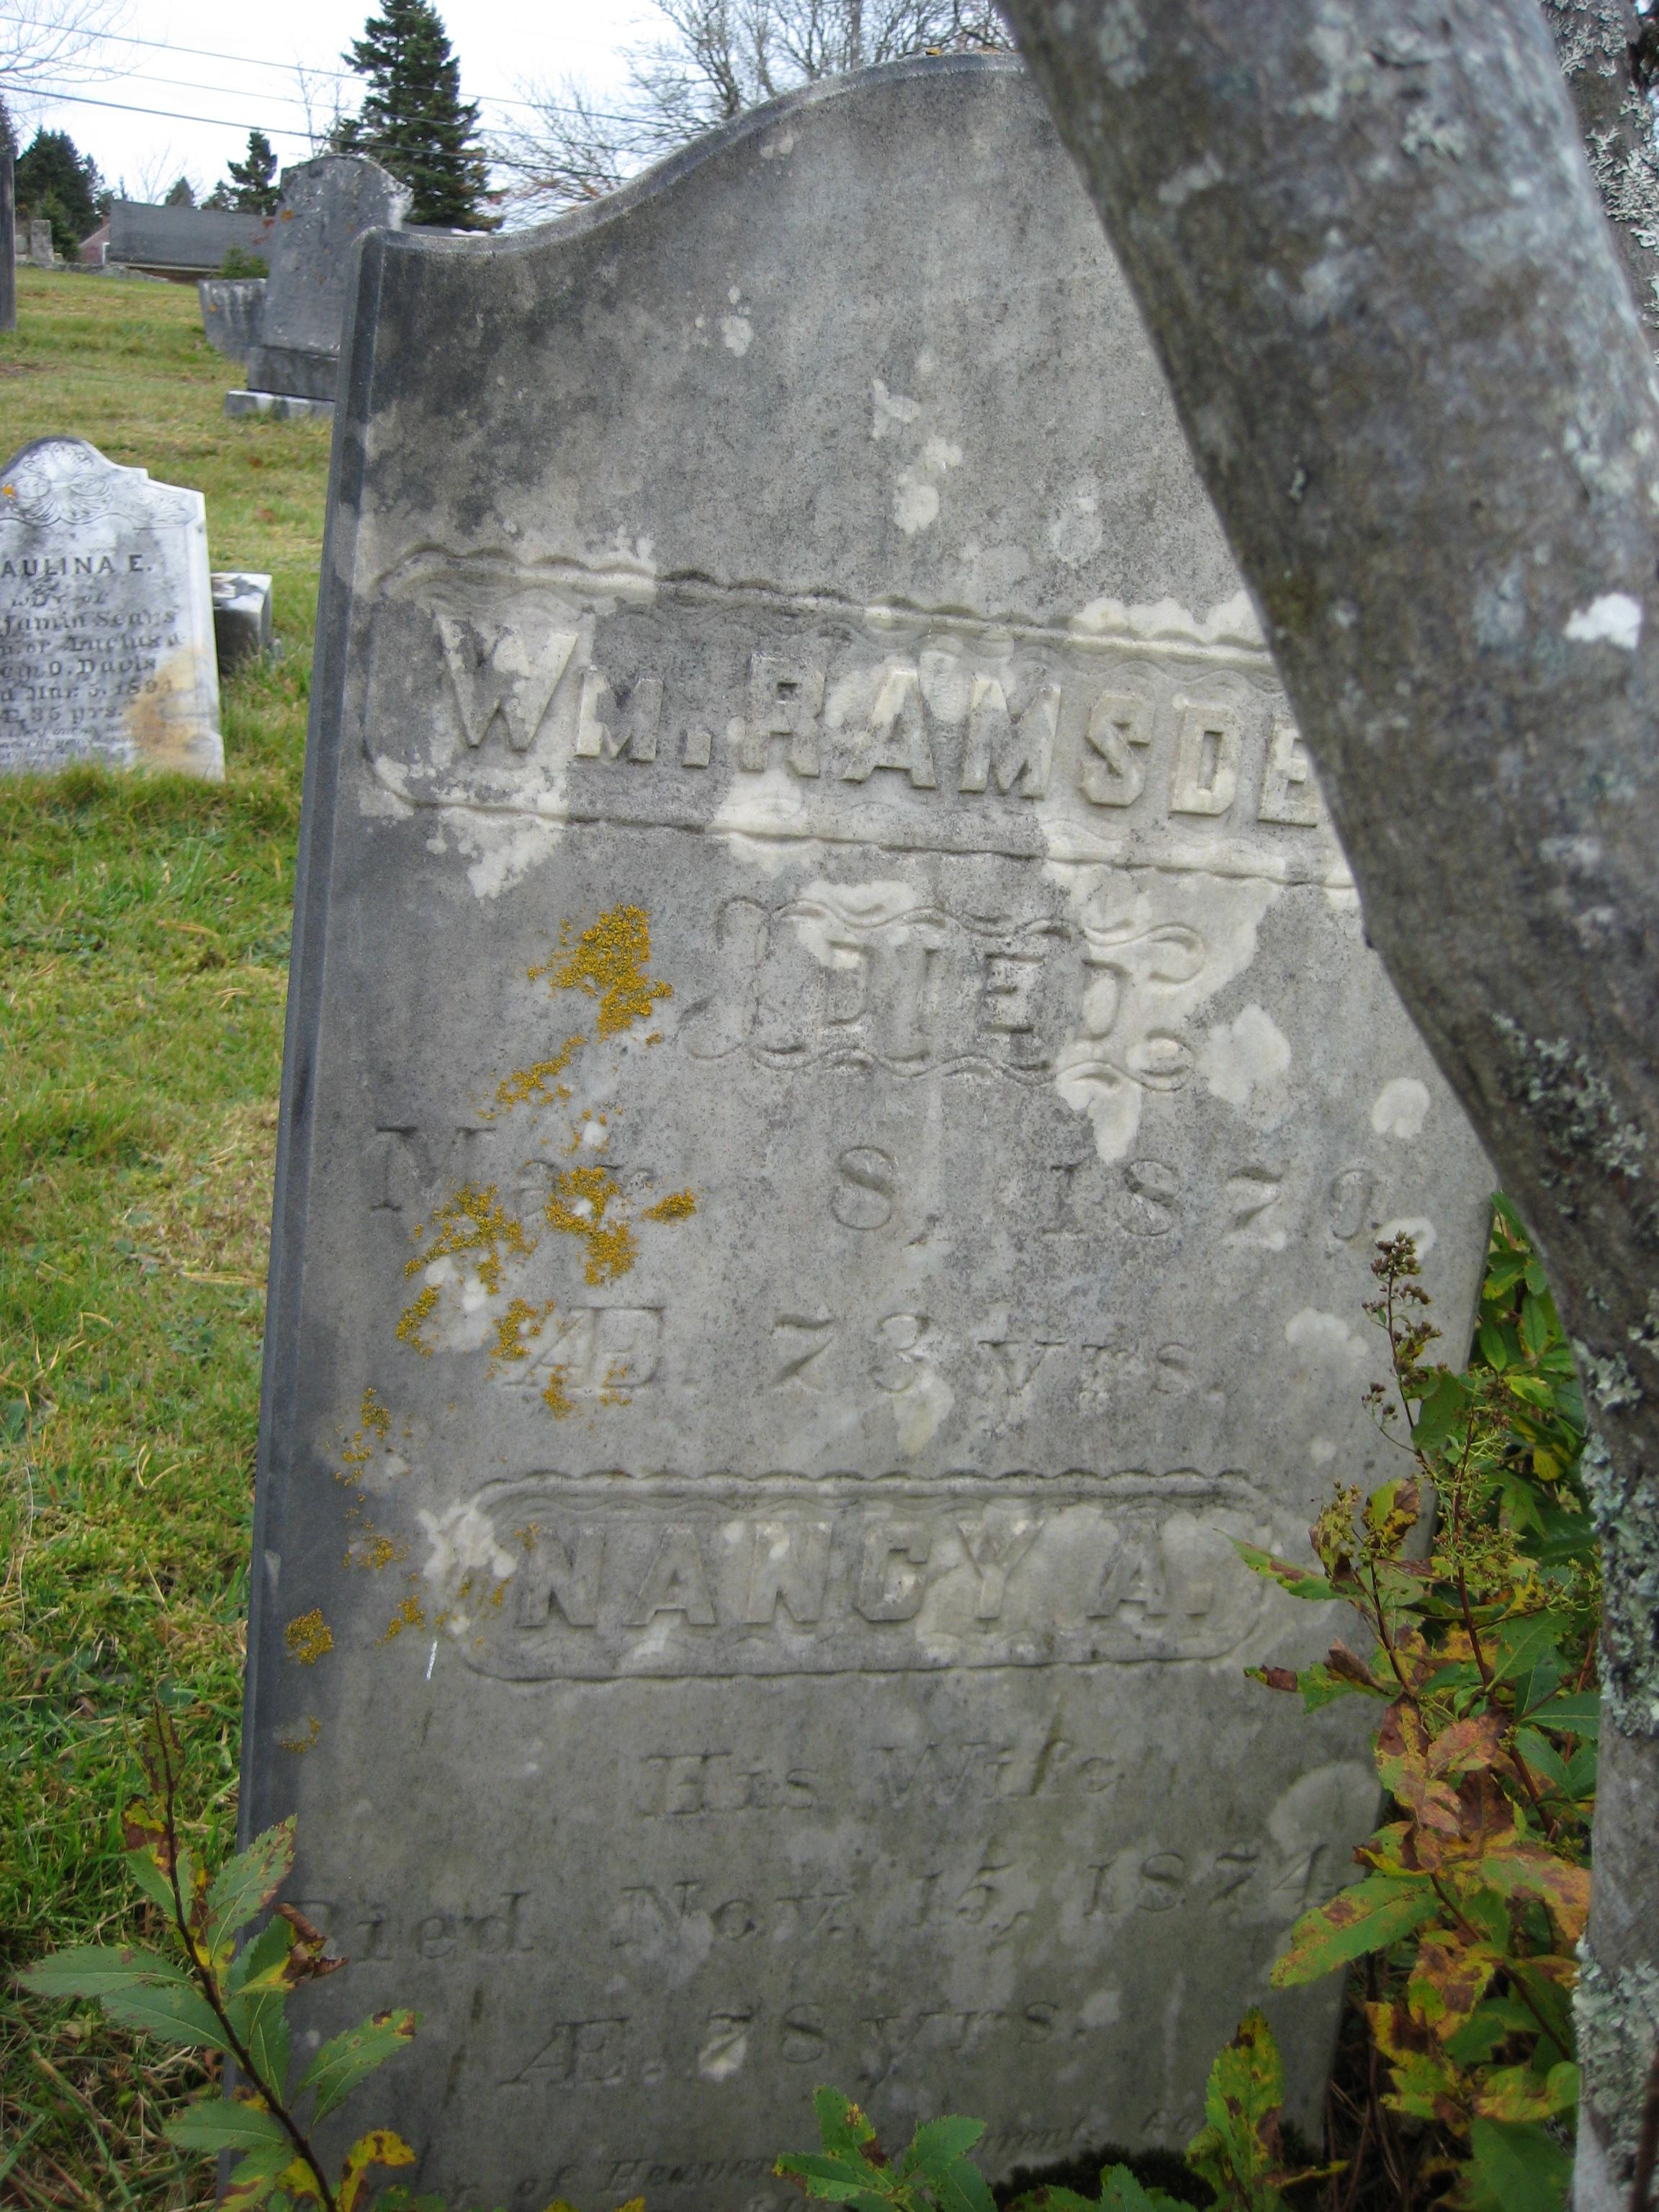 Mary Ann 'Nancy' Lyon